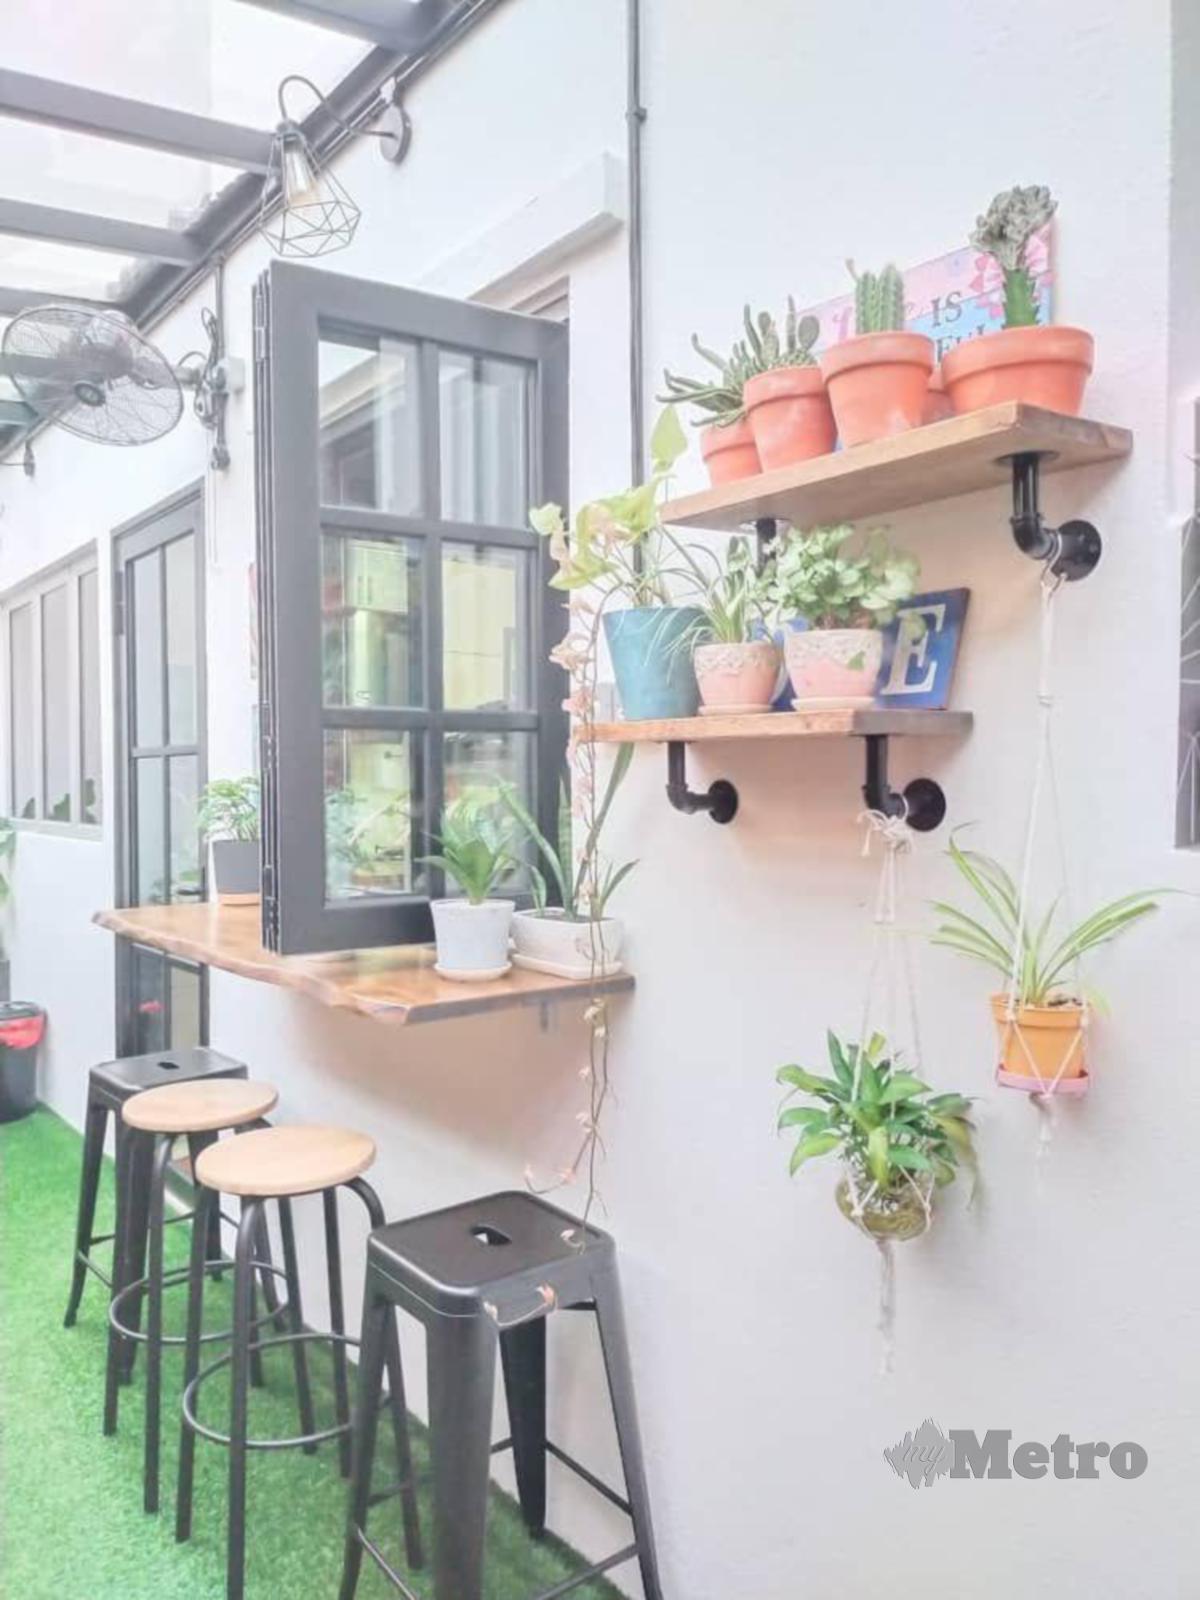 TURUT seimbangkan dengan elemen malar hijau membuatkan ruang lebih 'organik' untuk bersantai.